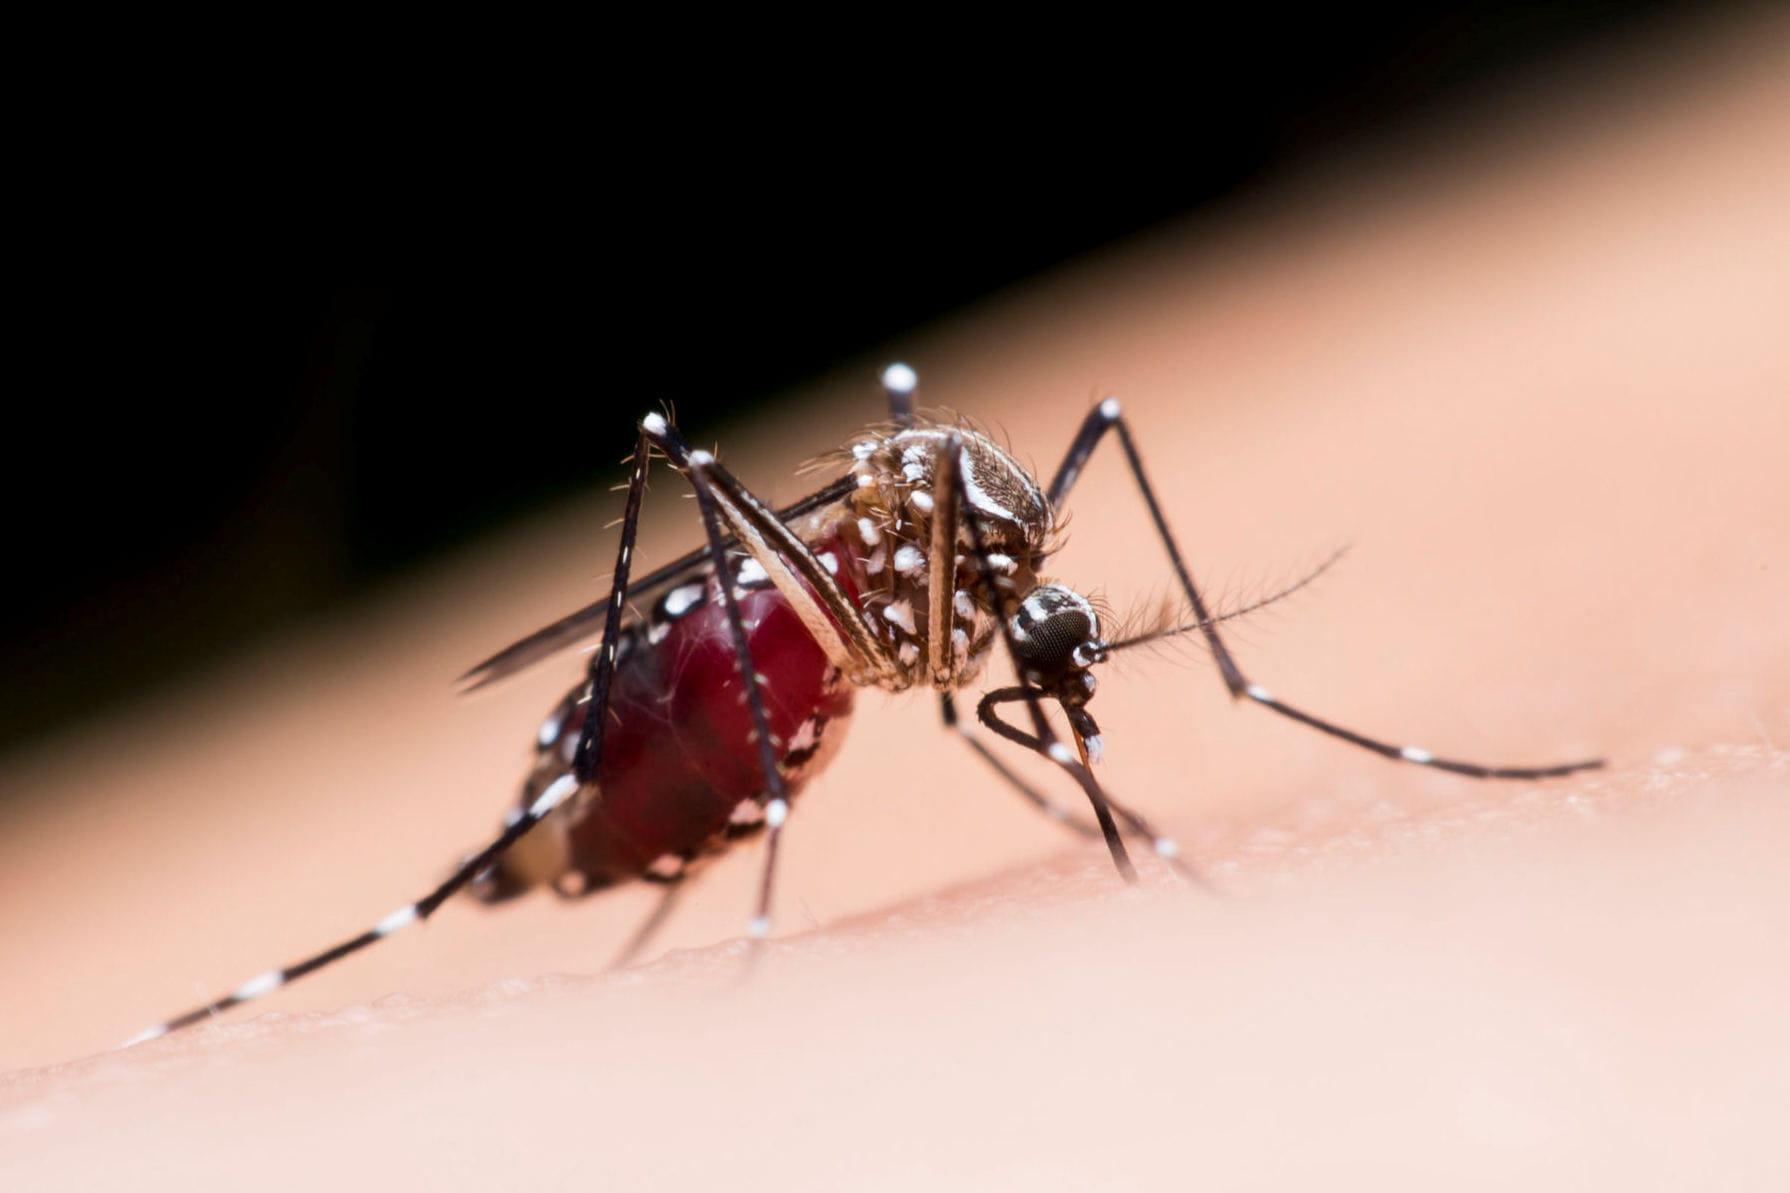 31 astuces et rem des efficaces pour dire adieu aux moustiques - Se debarrasser des moustiques ...